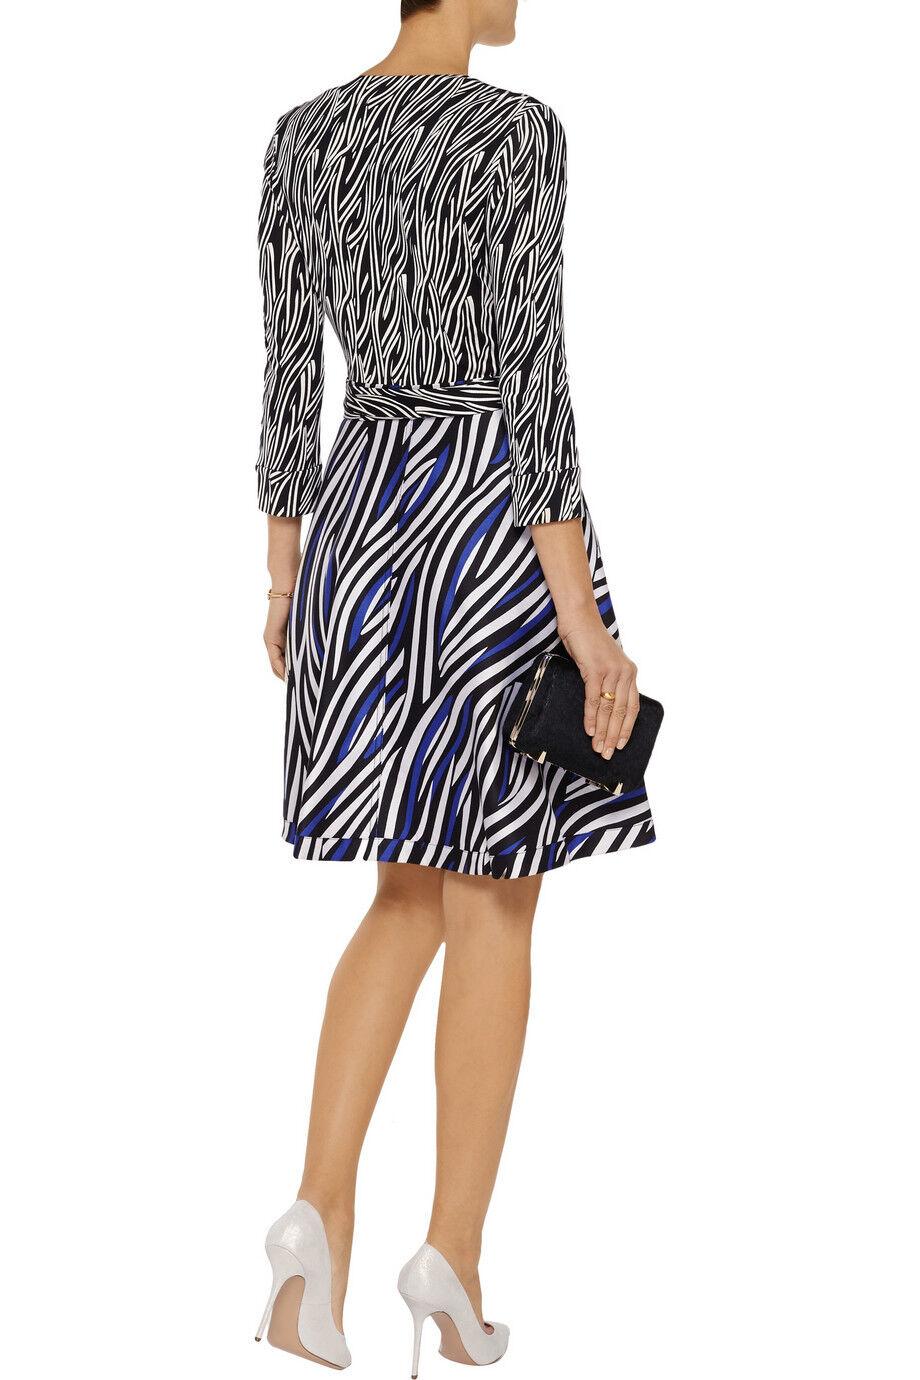 NWT  485 Diane Von Furstenberg DVF DVF DVF  Amelia  Wrap Dress 8 3e9de8